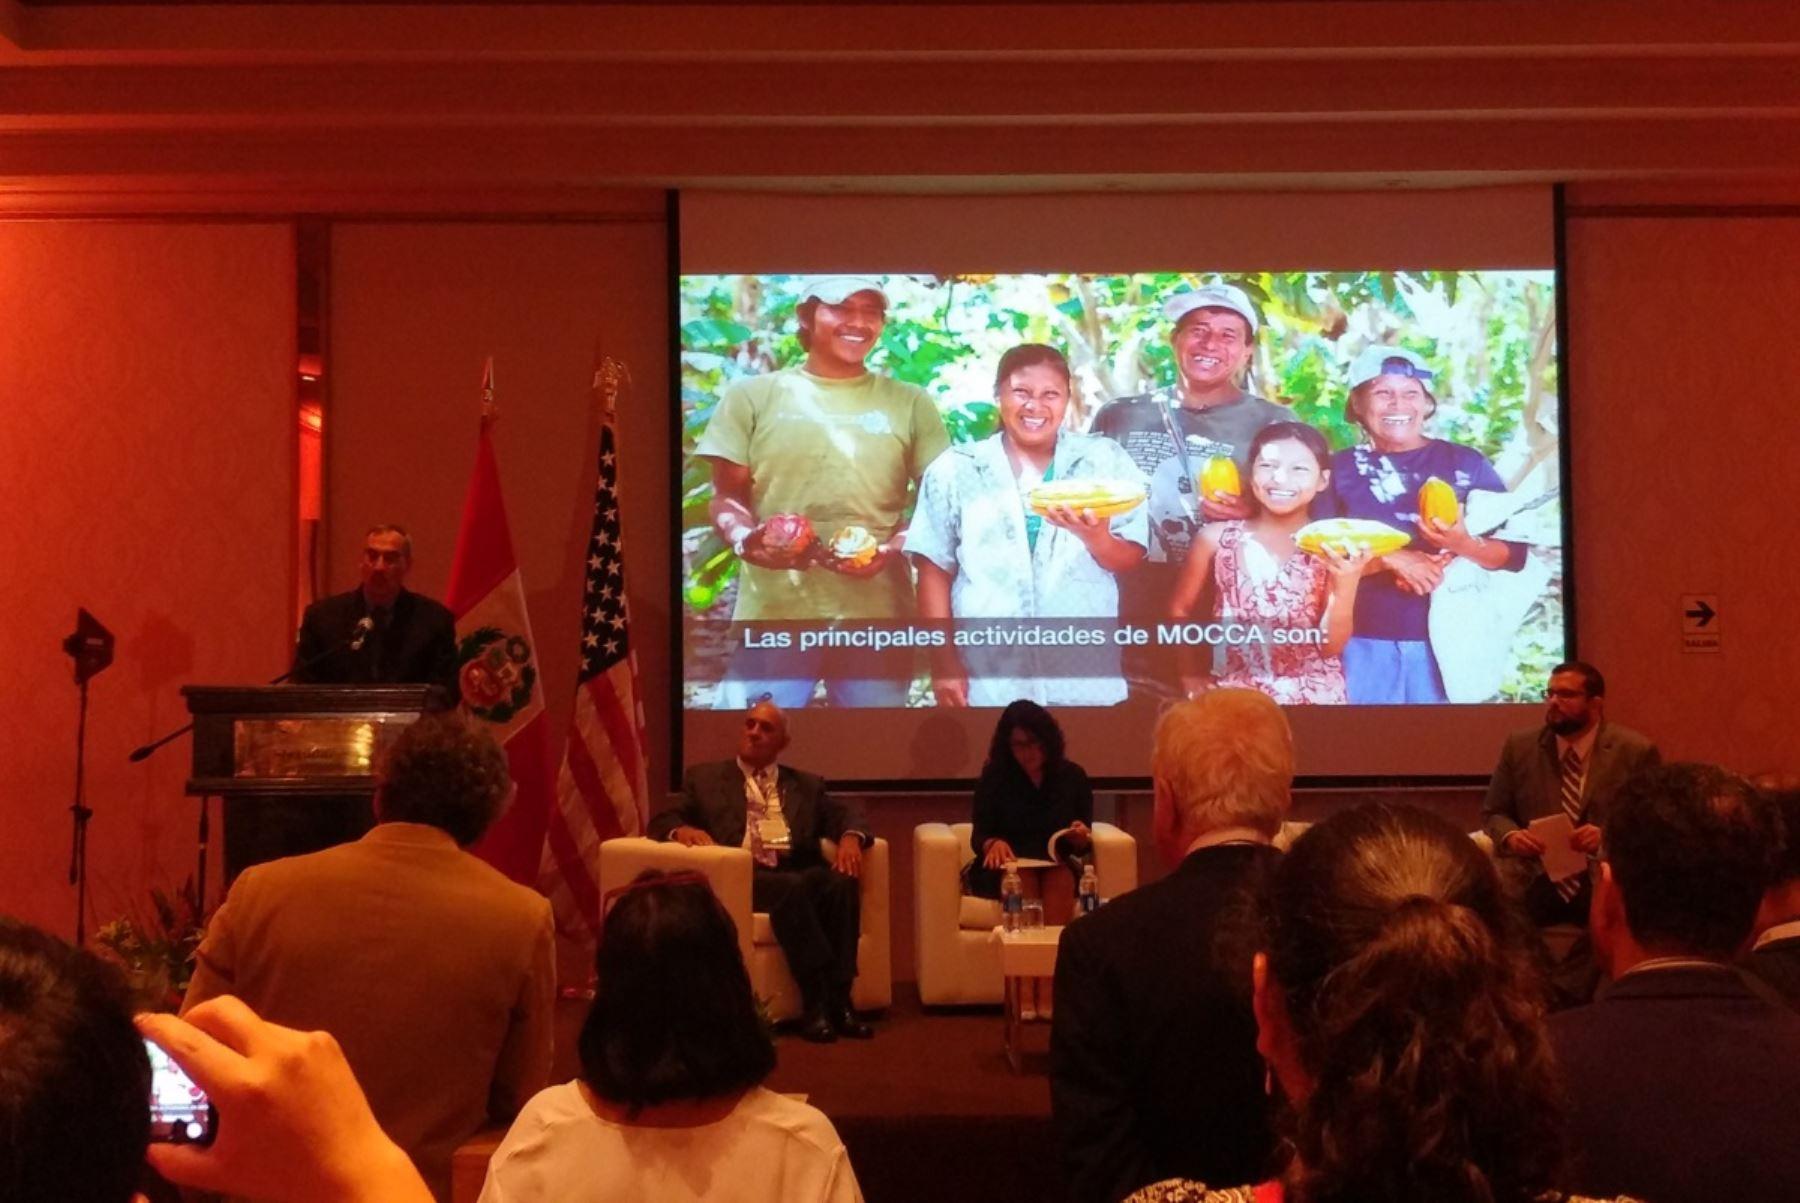 Embajador de Estados Unidos, Krishna R. Urs, presenta programa de apoyo para pequeños agricultores de café y cacao, MOCCA.  Foto: Andina.